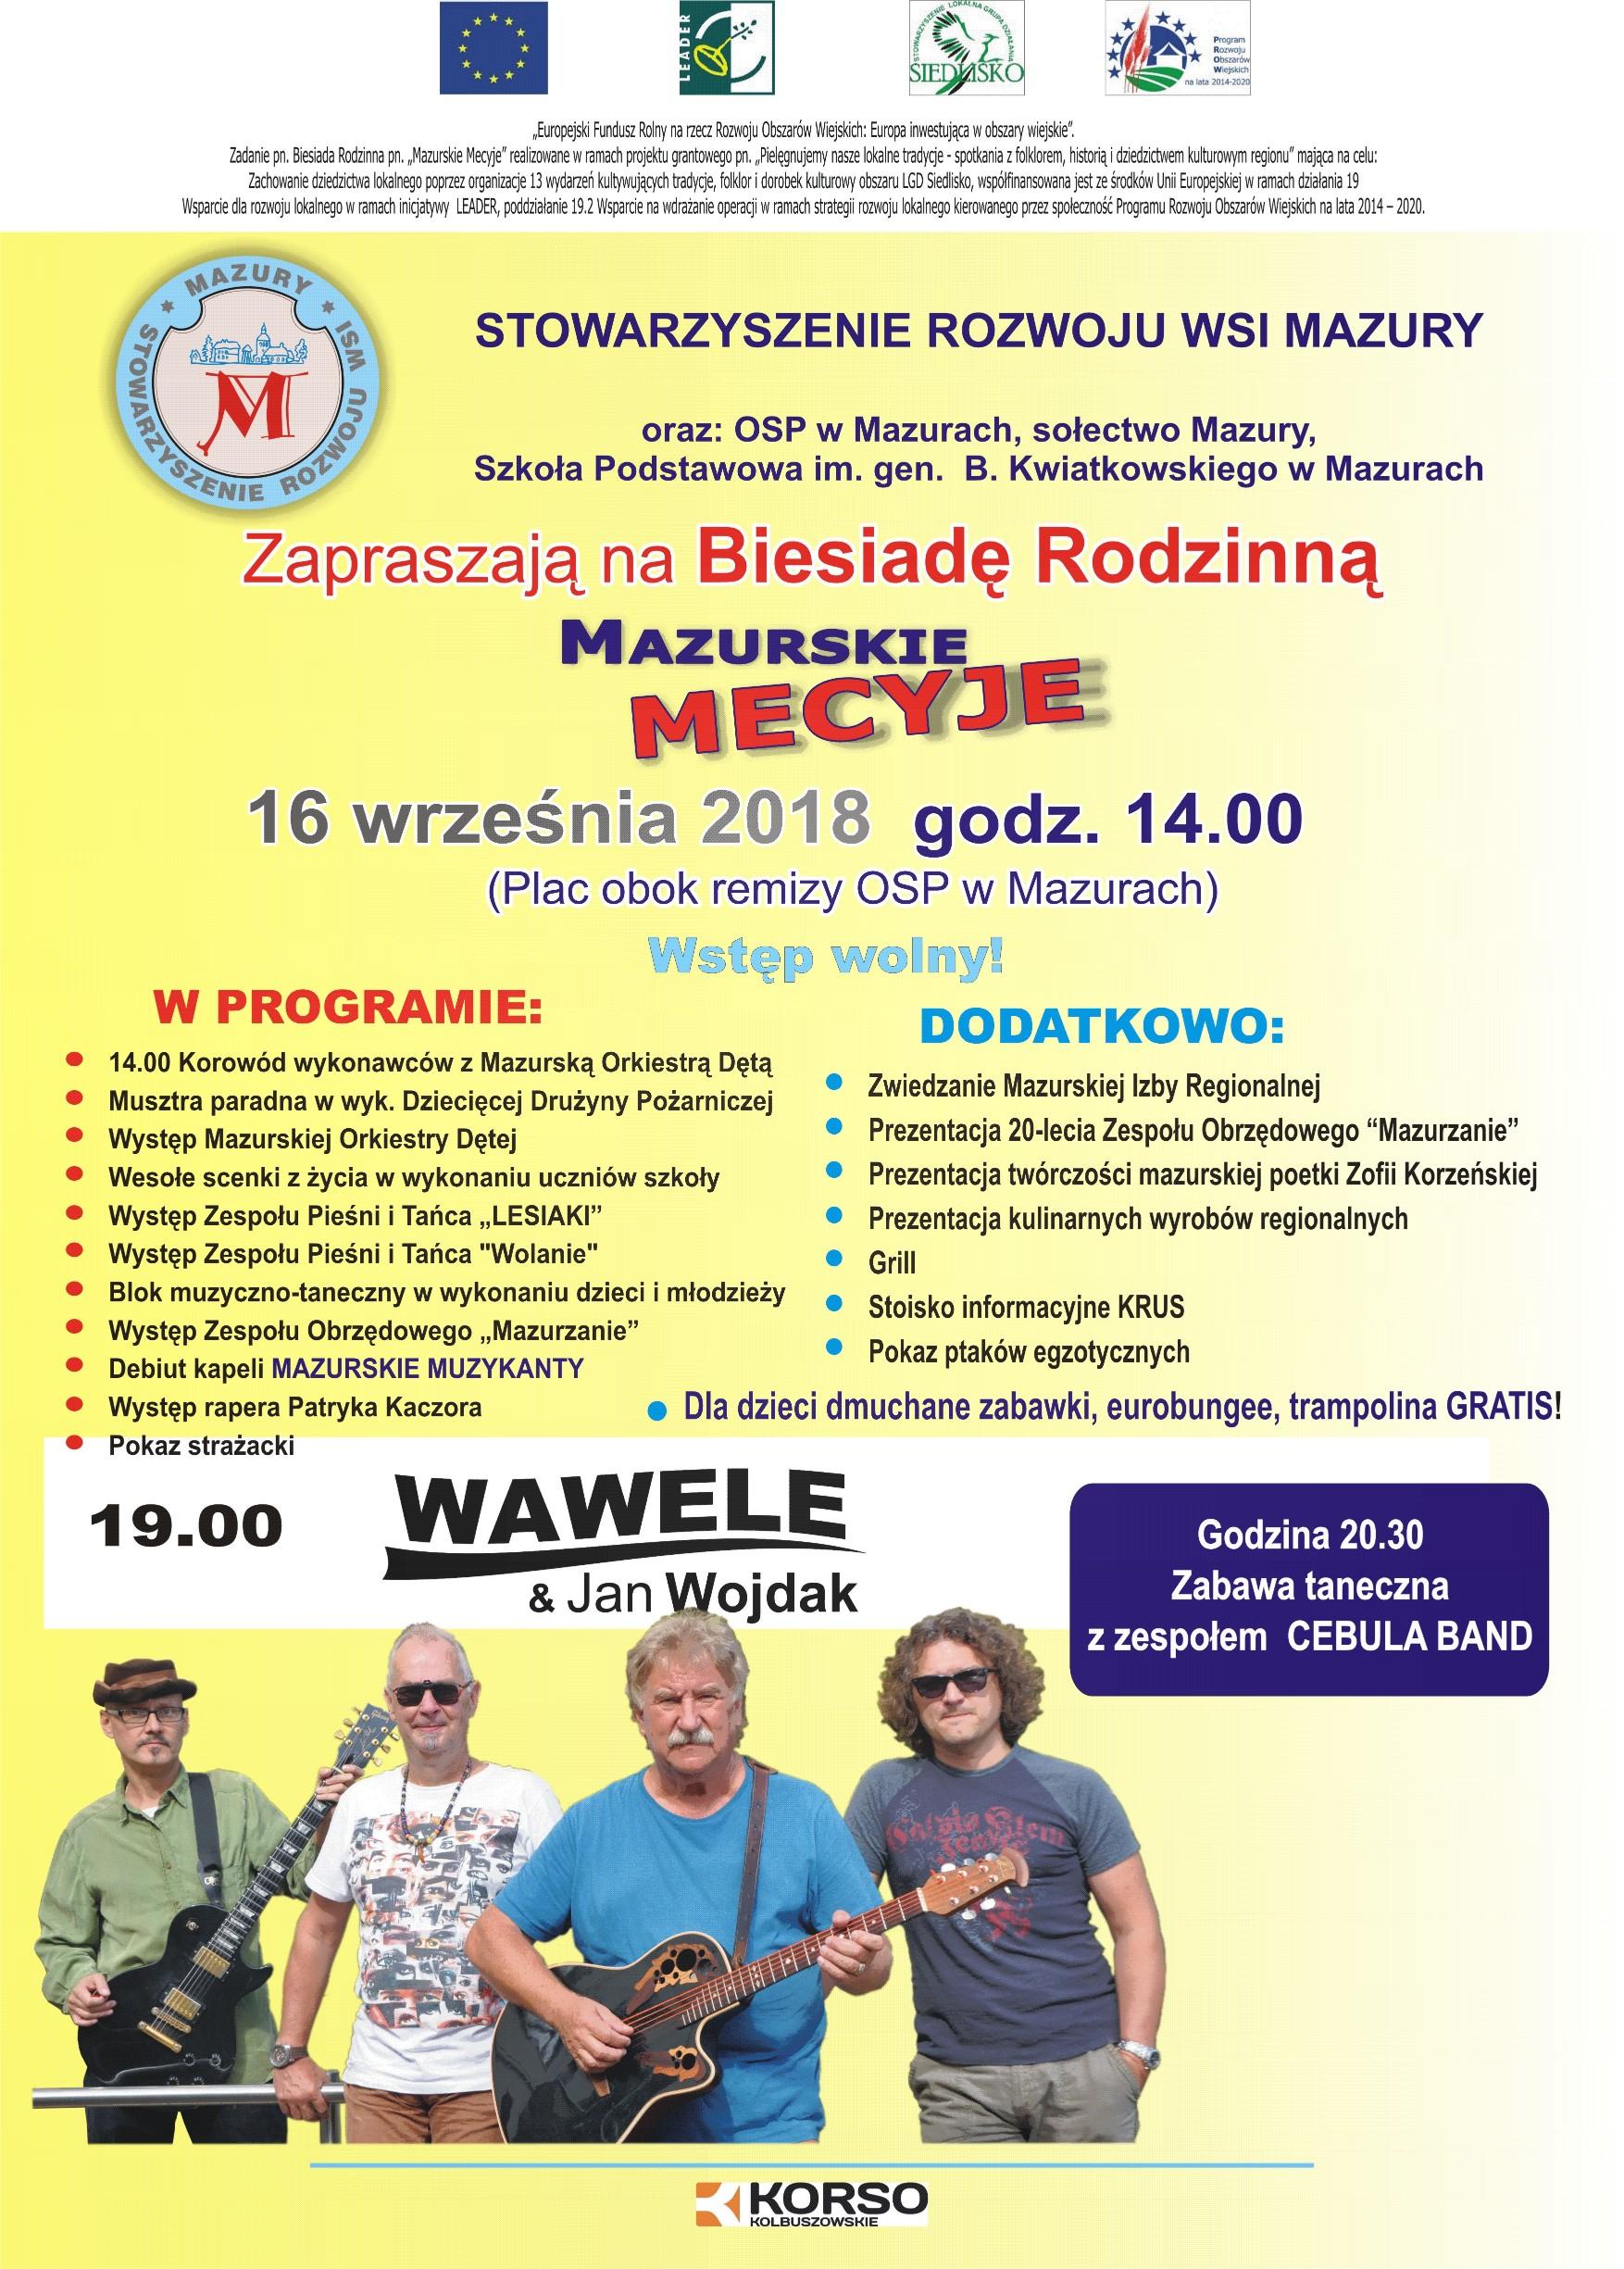 """Gmina Raniżów. Mieszkańcy spotkają się na rodzinnej biesiadzie """"Mazurskie Mecyje""""  - Zdjęcie główne"""